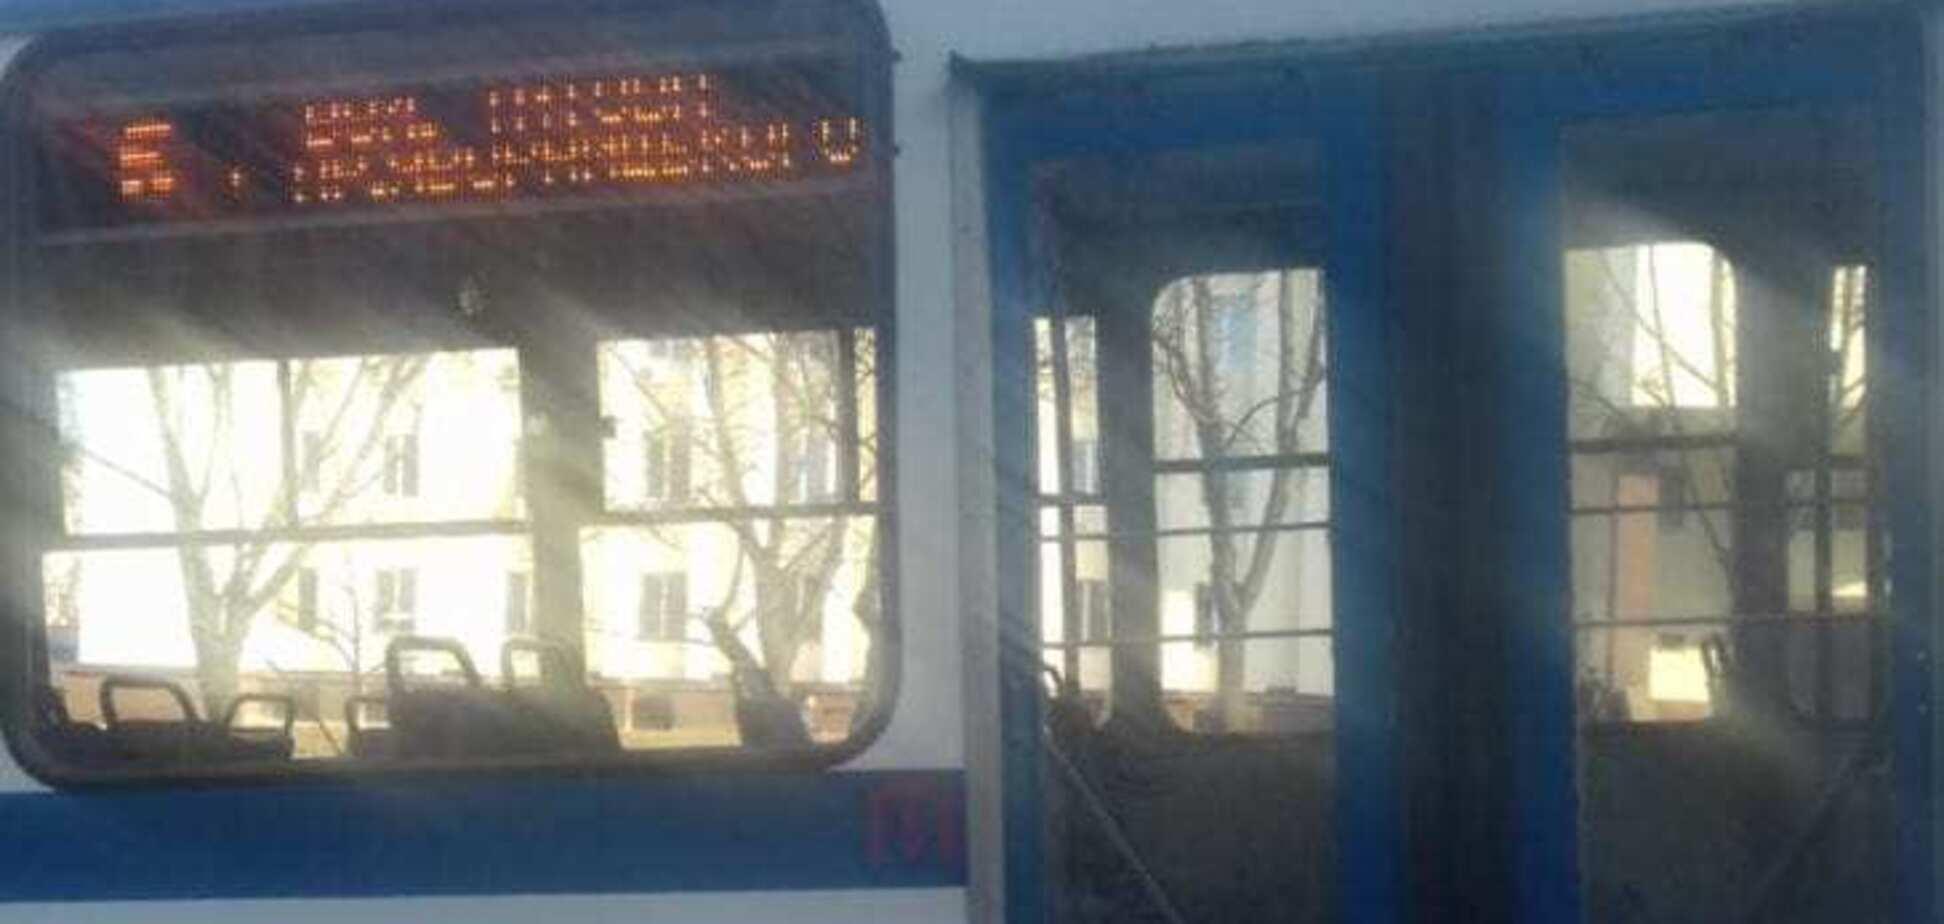 Увірвався в кабіну і вдарив в голову: в Дніпрі пасажир напав на водія тролейбуса. Фото